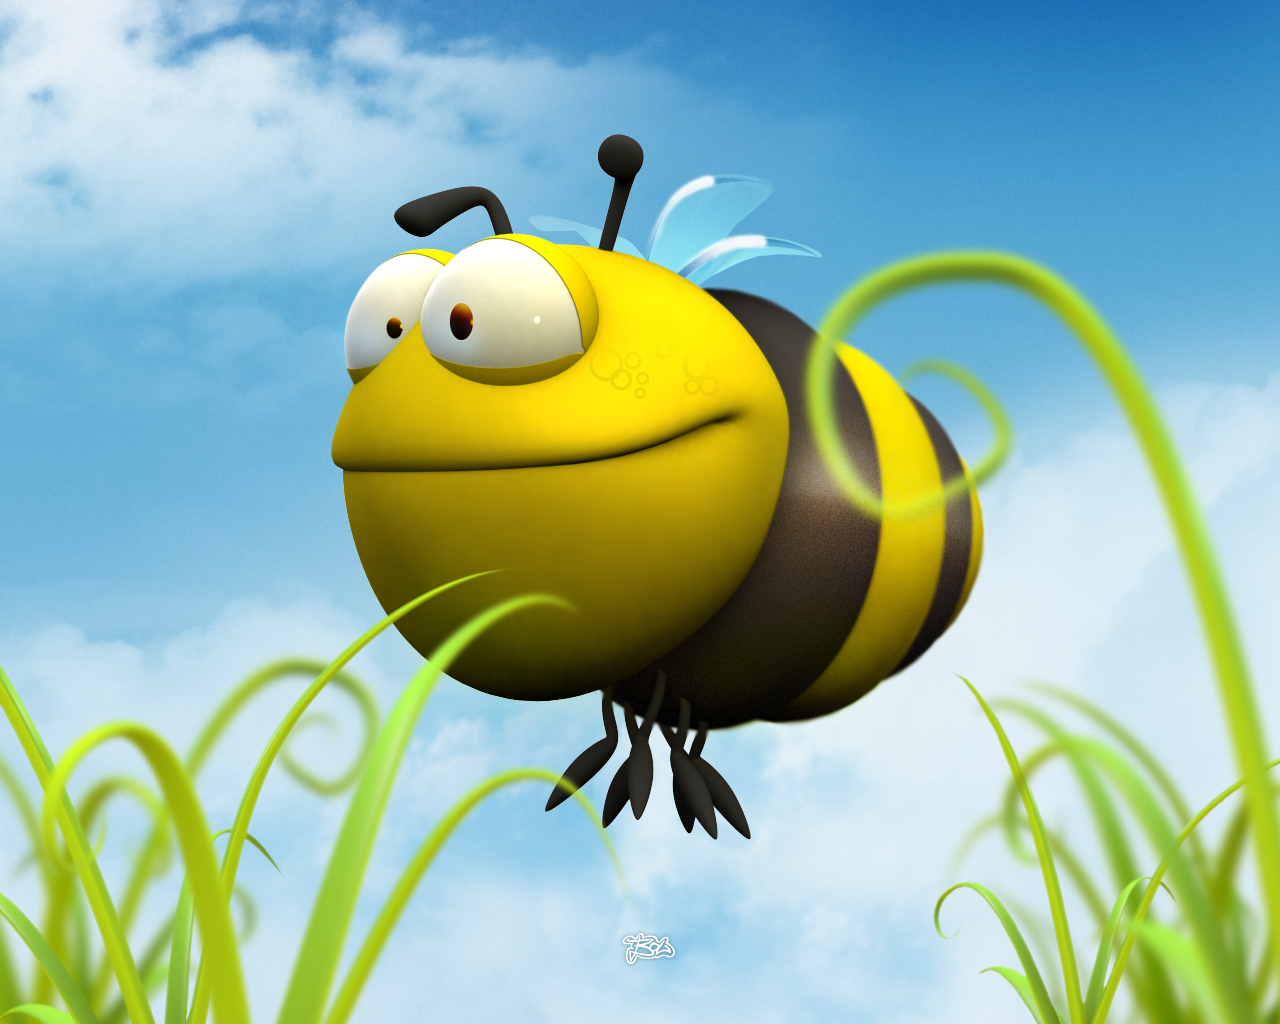 Funny 3D Bumble Bee wallpaper 1280x1024